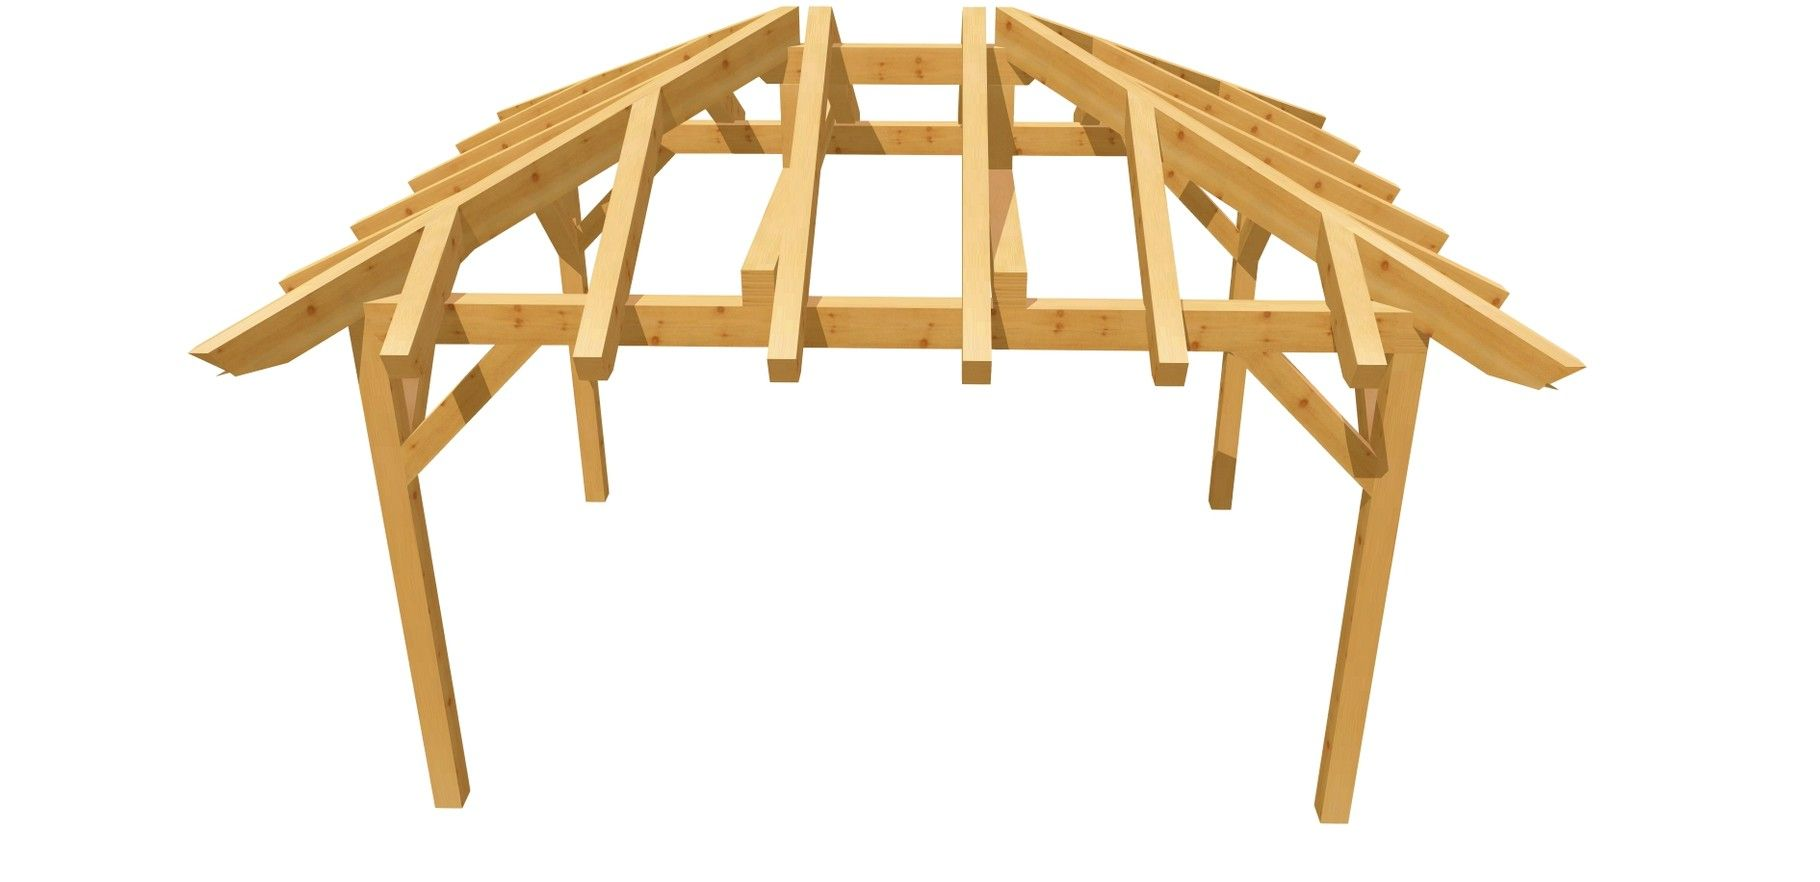 holz carport selber bauen anleitung 3m x 4m | baupläne für